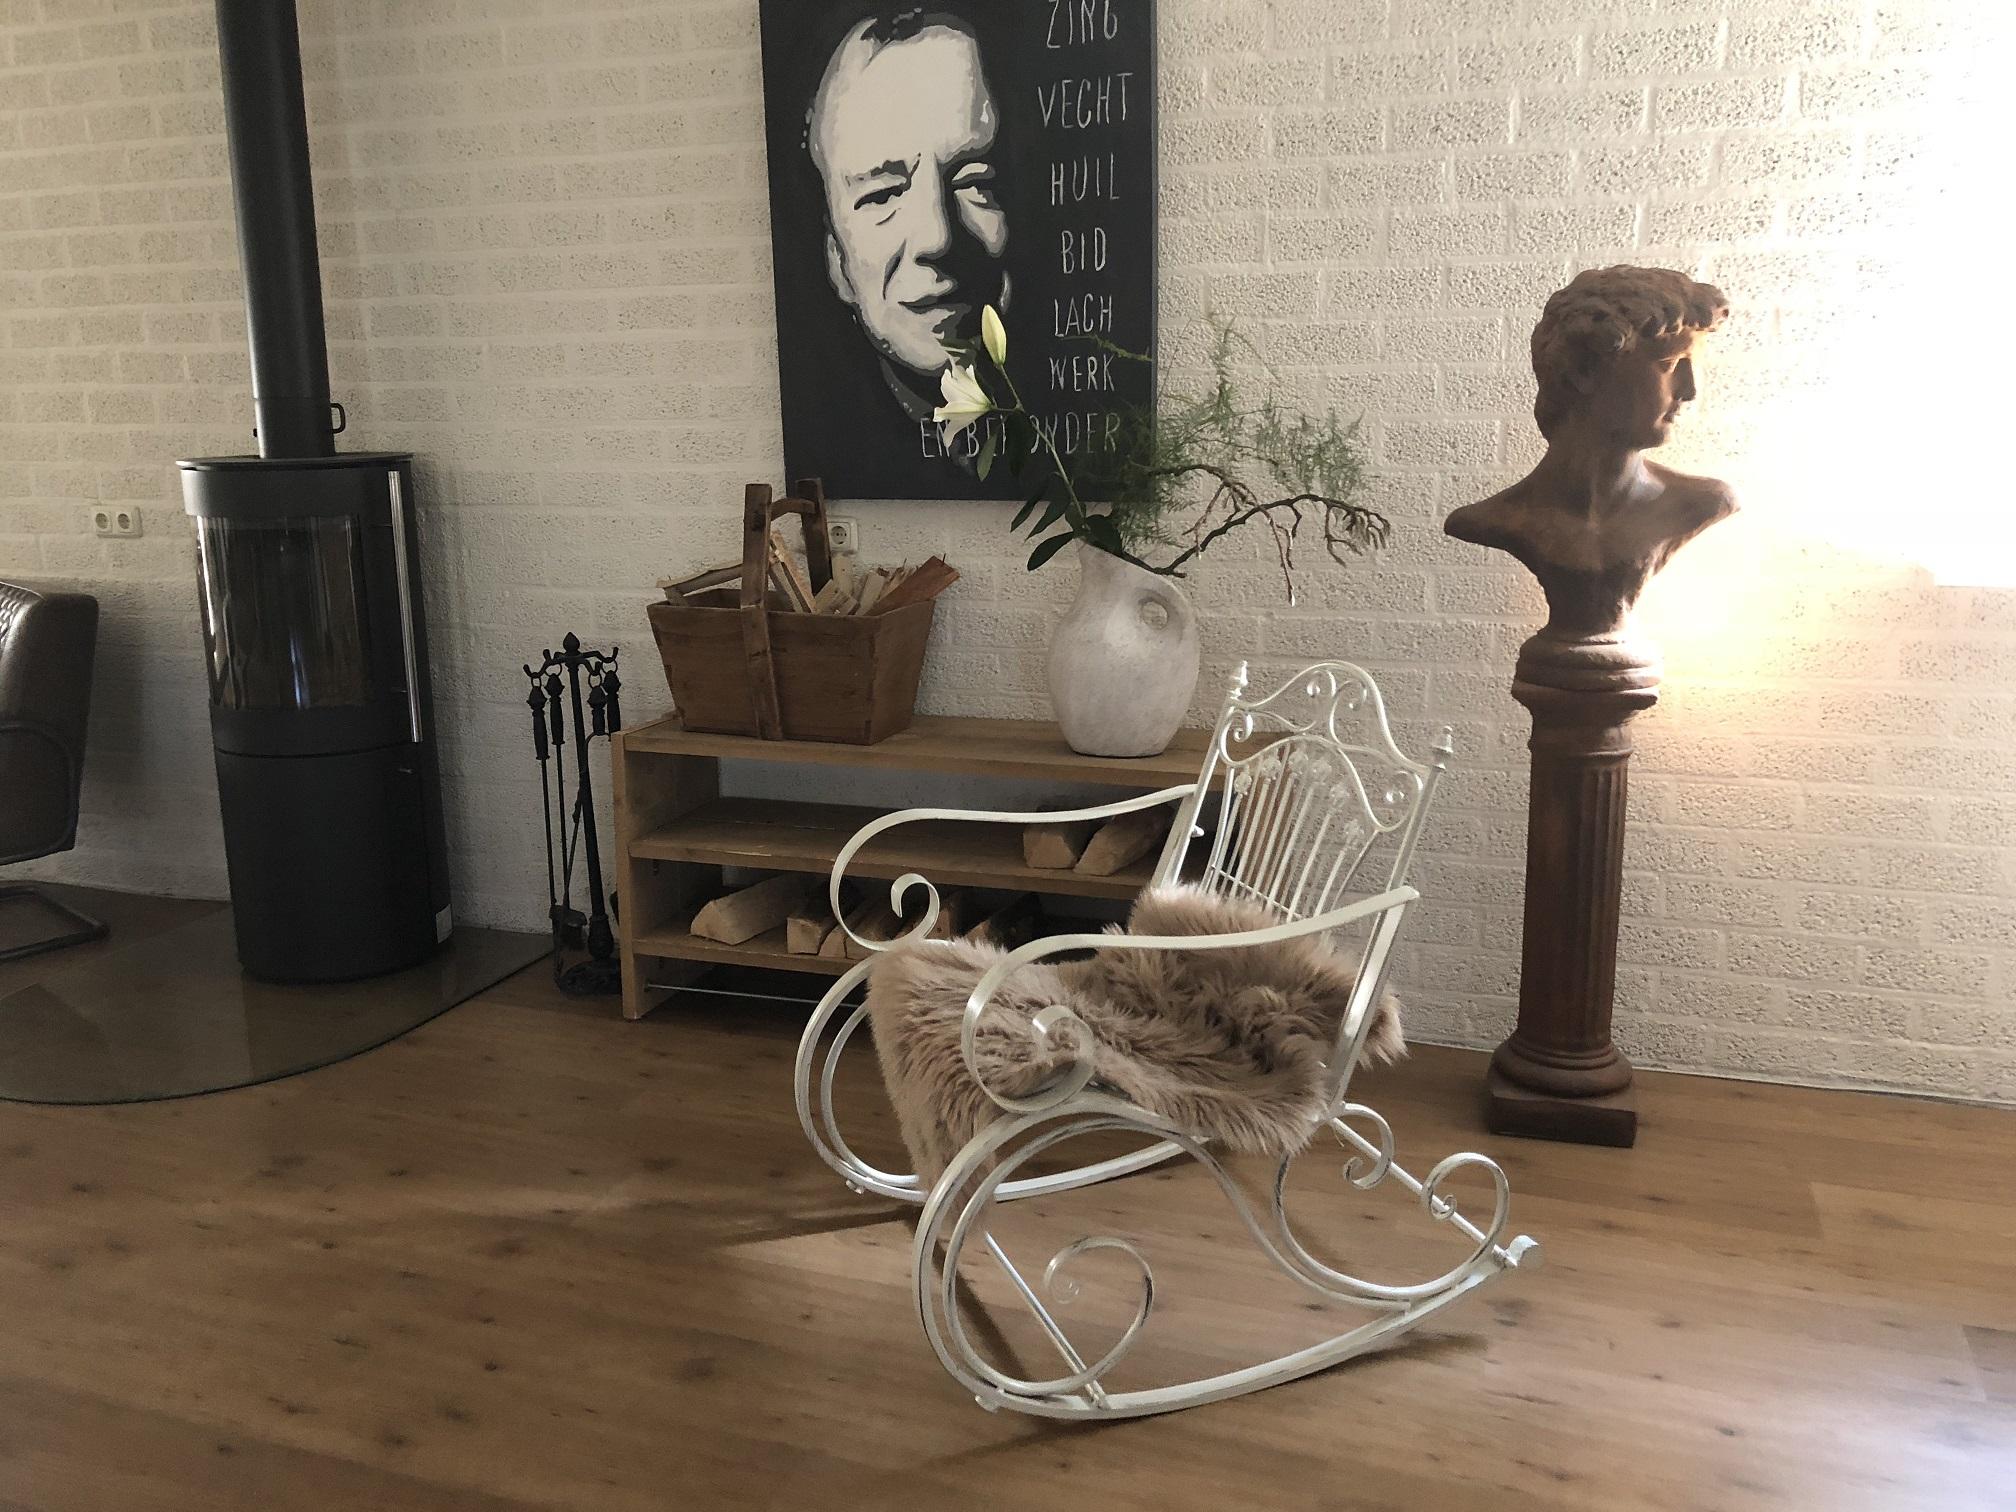 Schommelstoel Op Balkon : Prachtige pitoreske schommelstoel smeedijzer kleur oldwhite rust